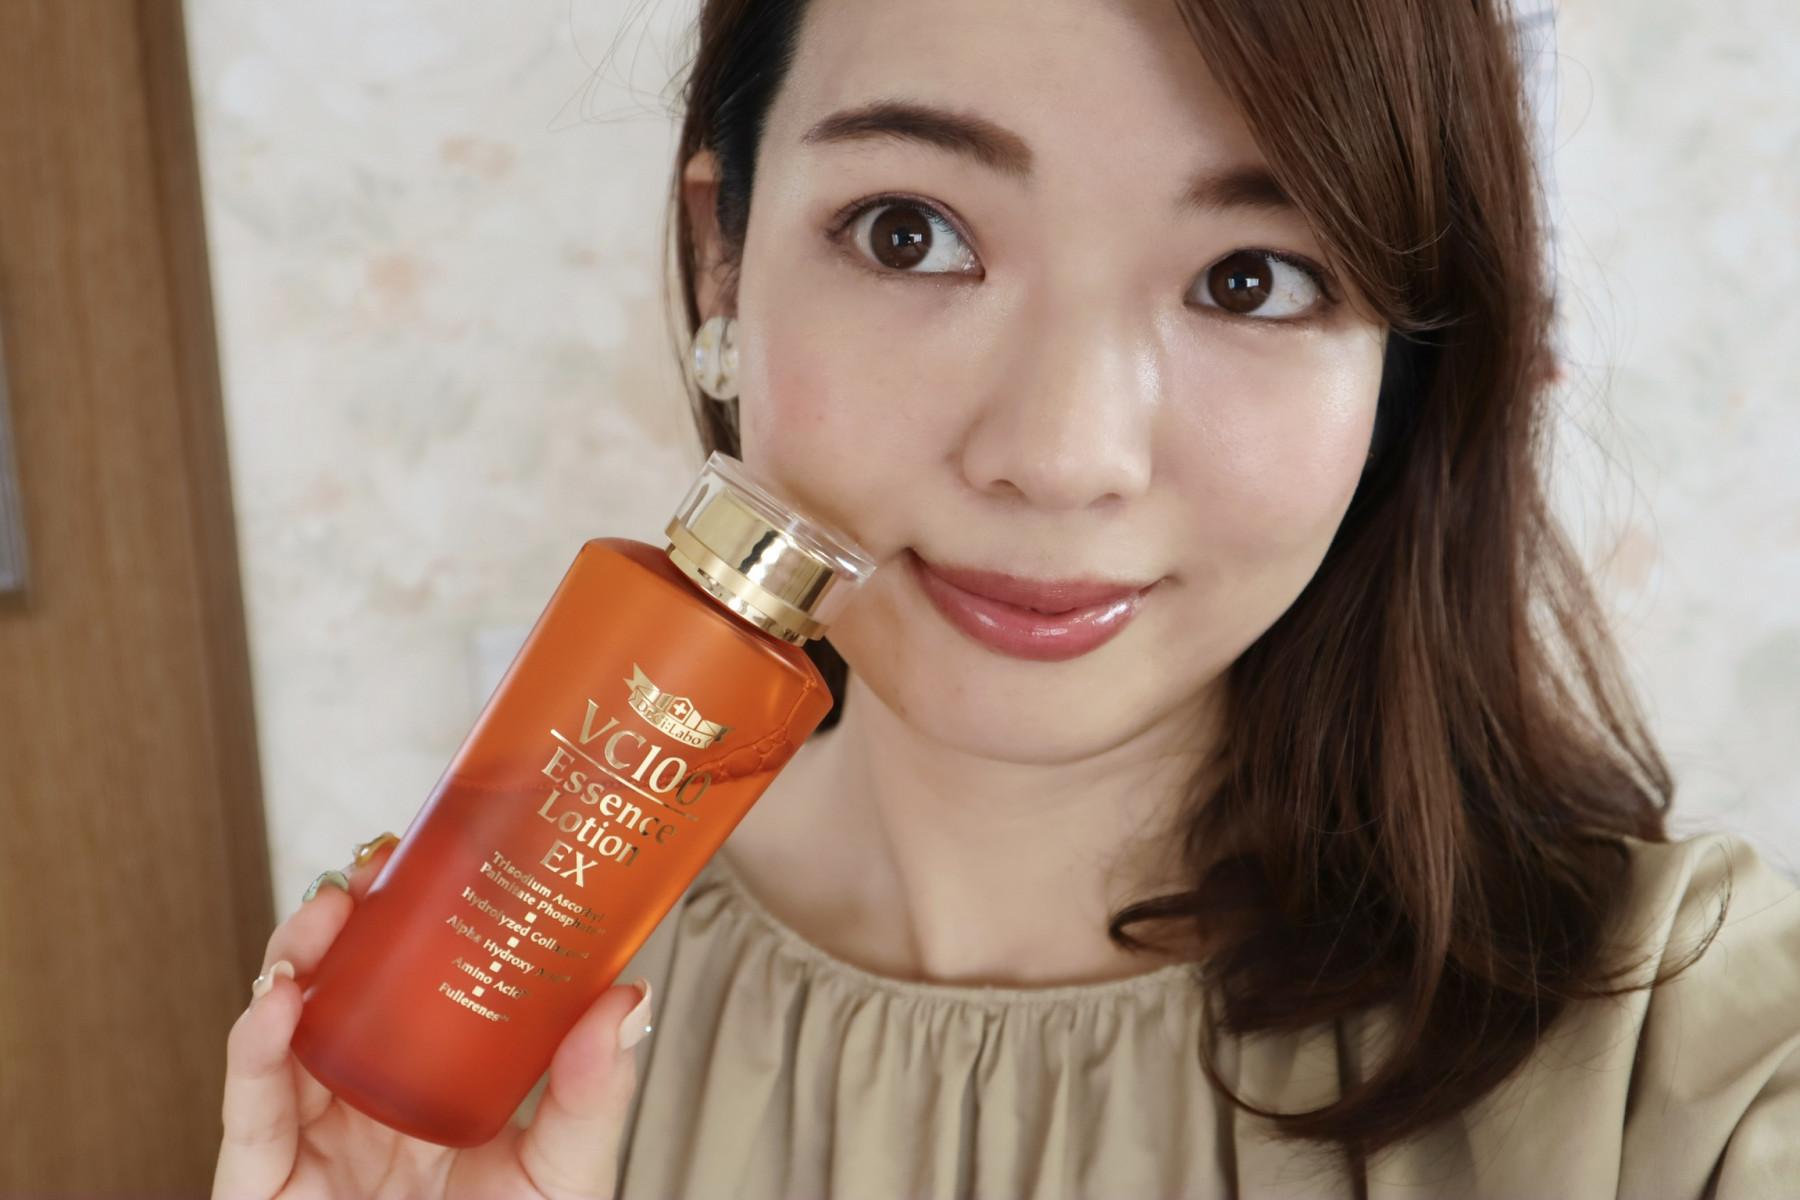 MAQUIA9月号掲載✳︎くすみ悩みを解決するコスパ最強化粧水♡